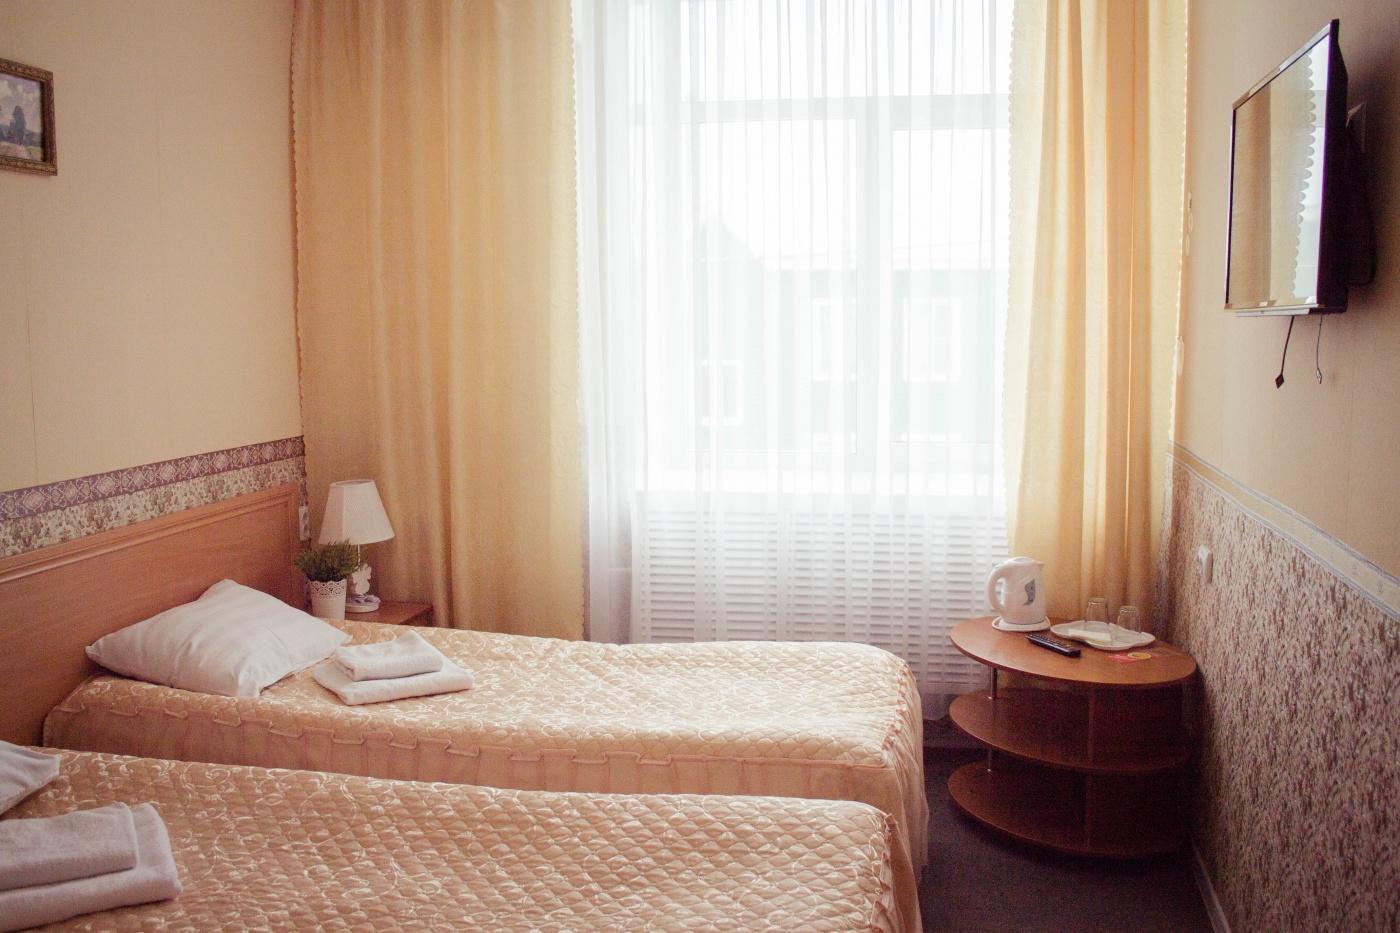 Гостиничный комплекс «Святогор» Владимирская область Двухместный «Стандарт» с 1 или 2 кроватями, фото 5